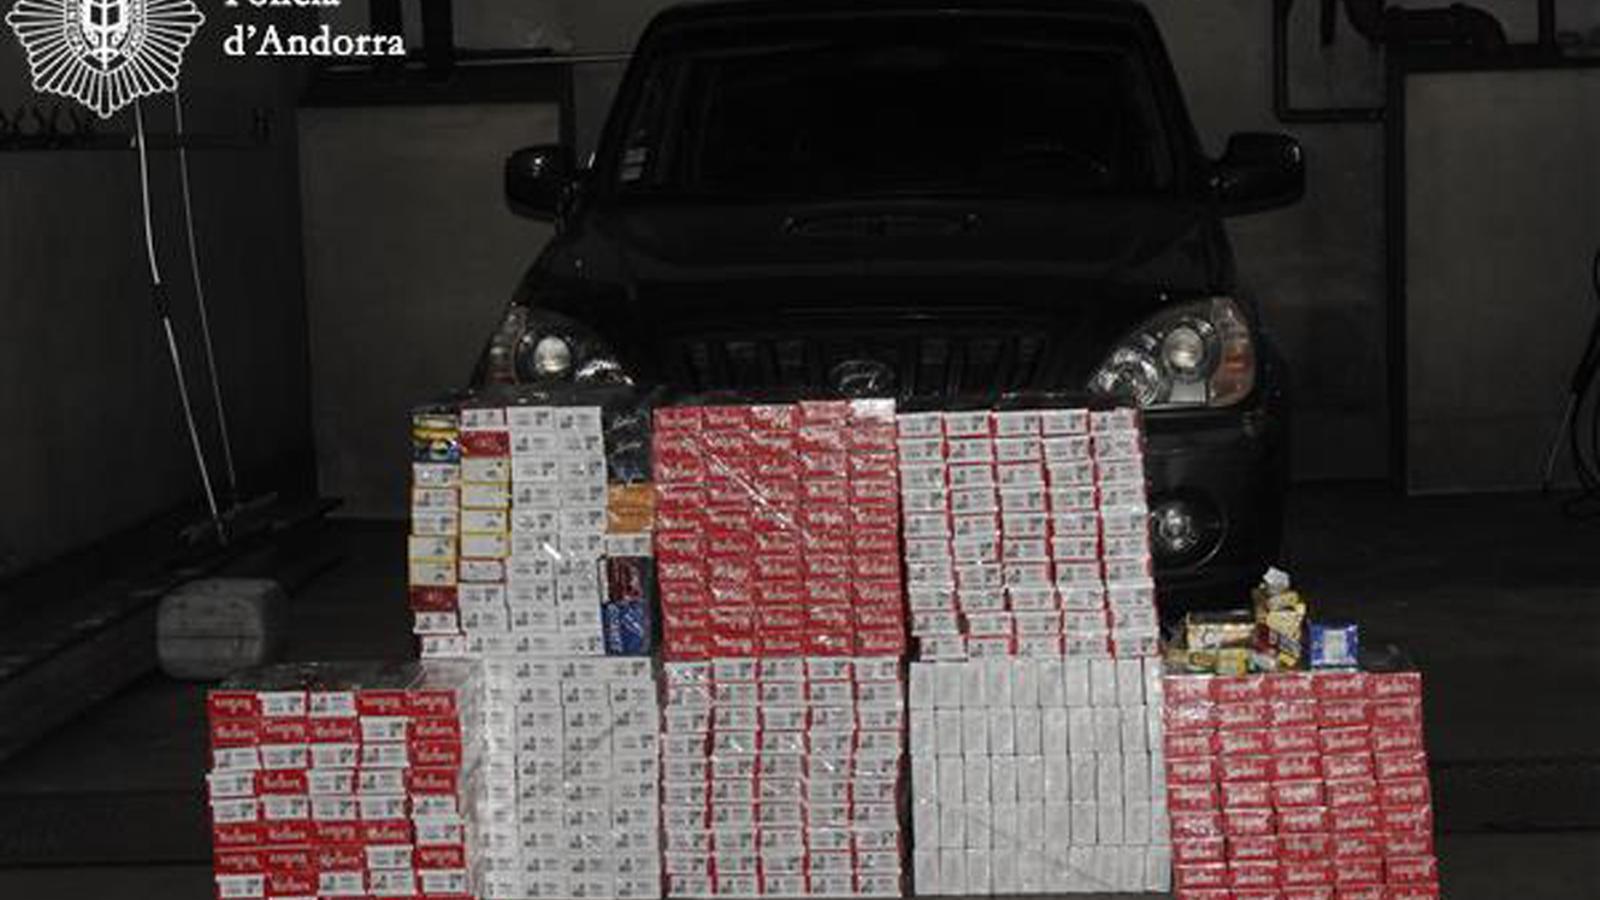 Imatge del material confiscat diumenge passat a Andorra la Vella. / COS DE POLICIA